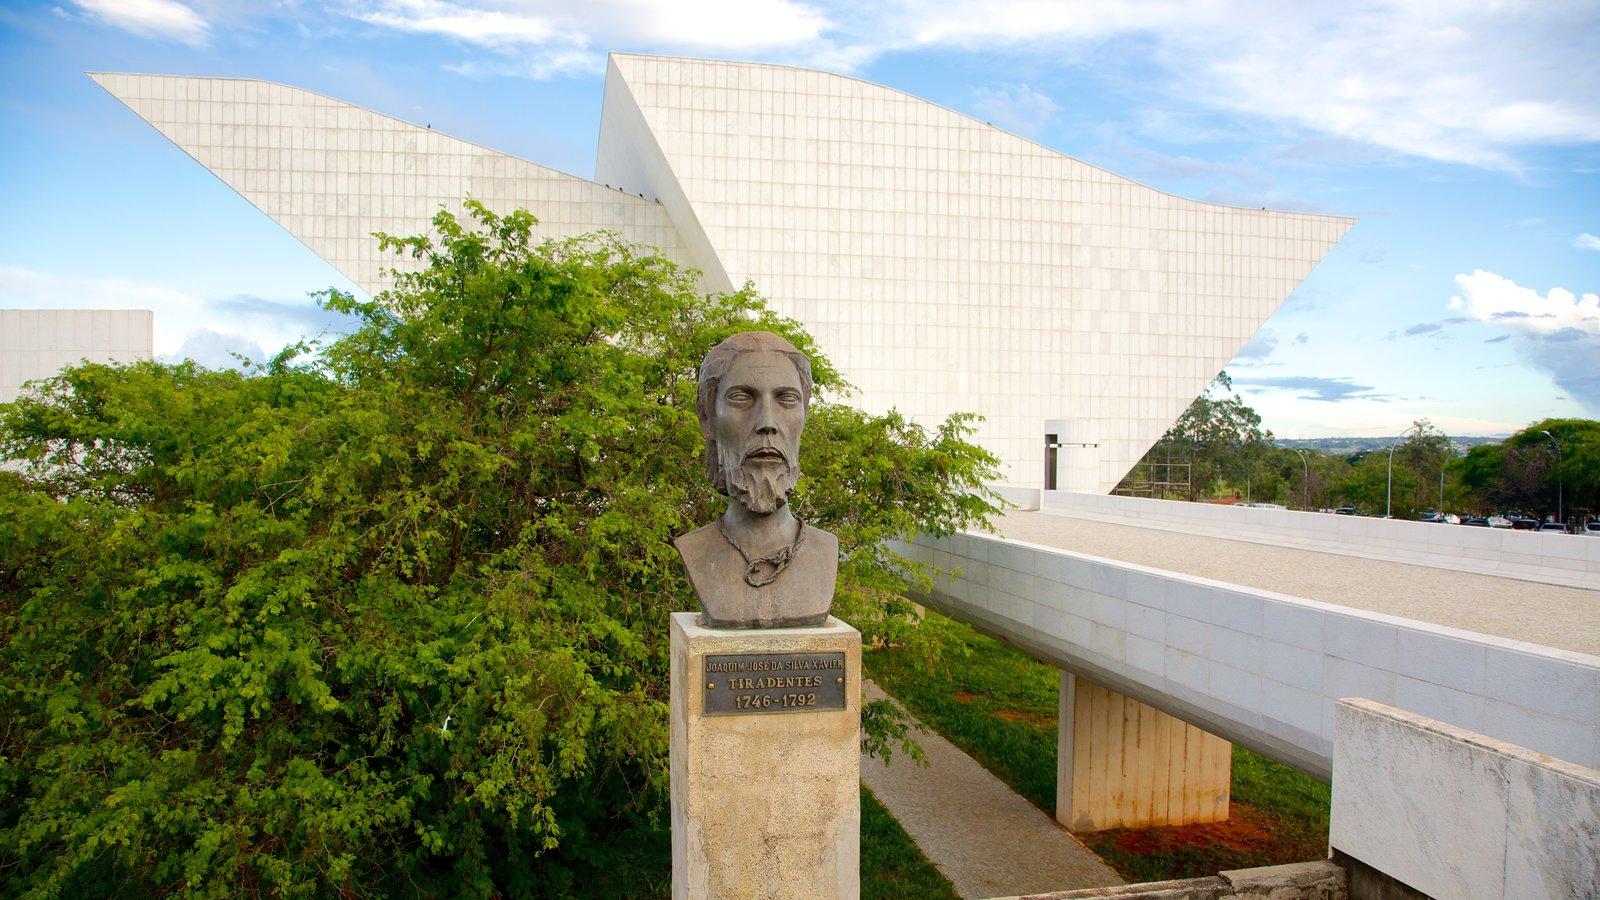 Panteão da Liberdade mostrando uma estátua ou escultura, arquitetura moderna e arte ao ar livre